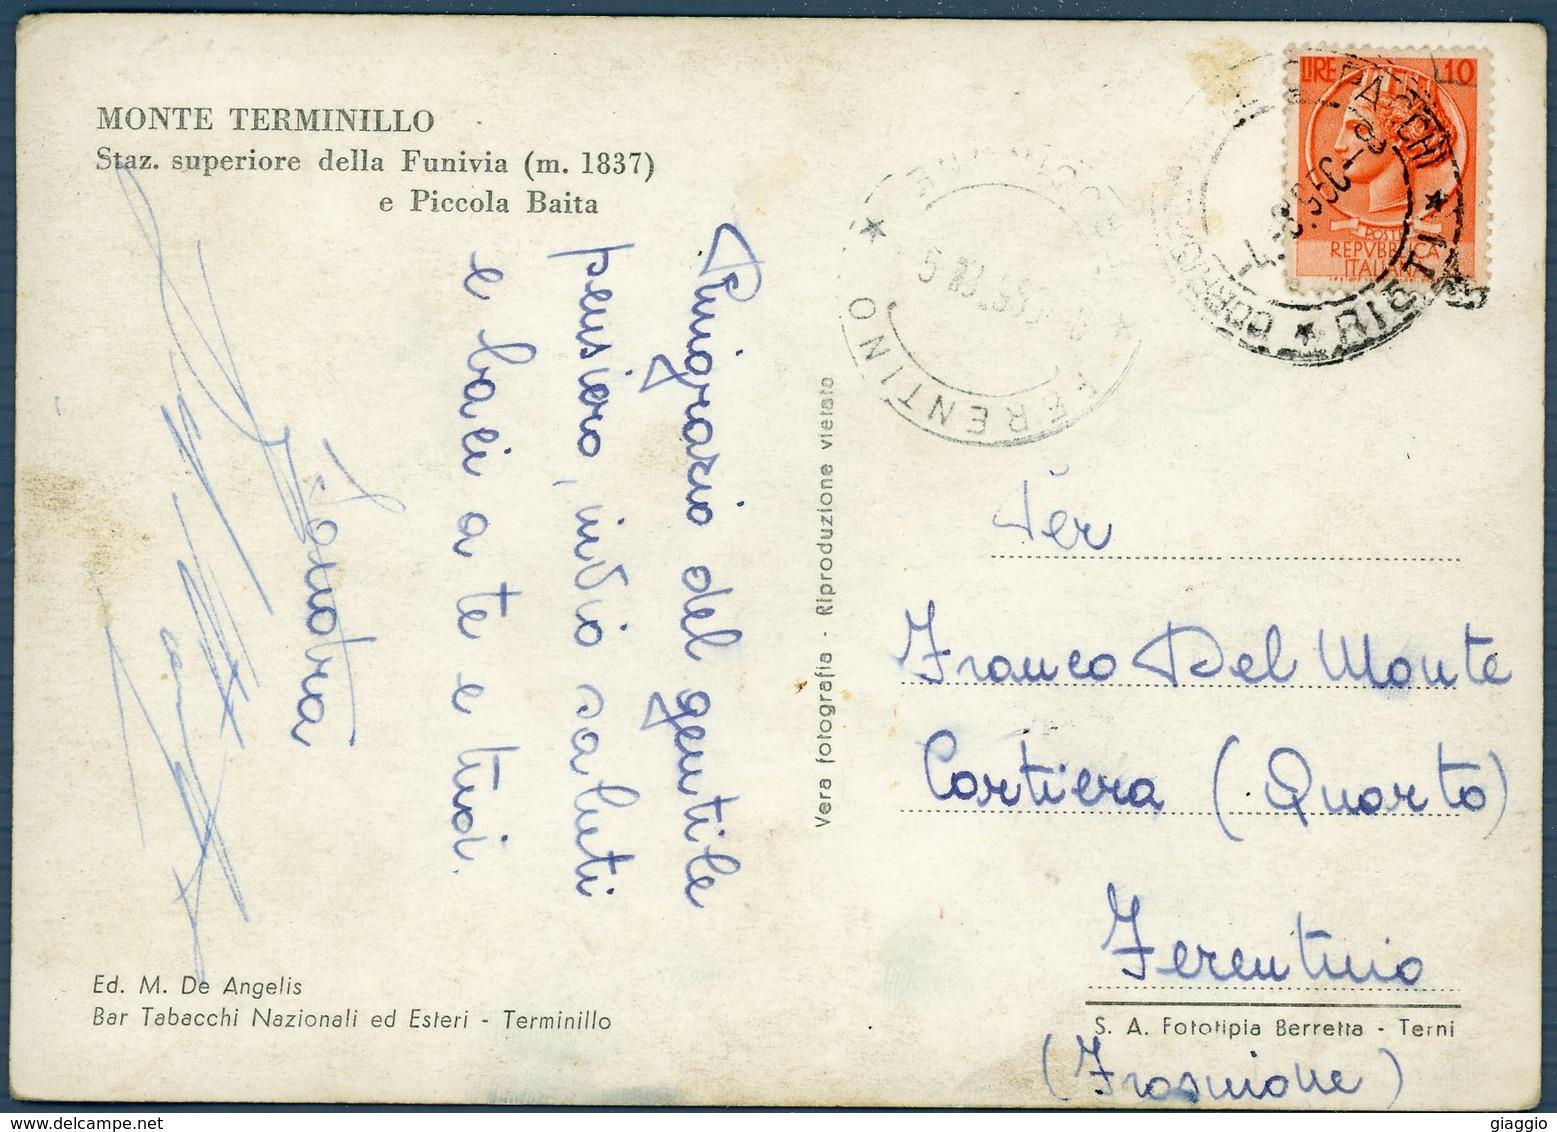 °°° Cartolina N. 29 Monte Terminillo Stazione Superiore Della Funivia E Piccola Baita Viaggiata °°° - Rieti